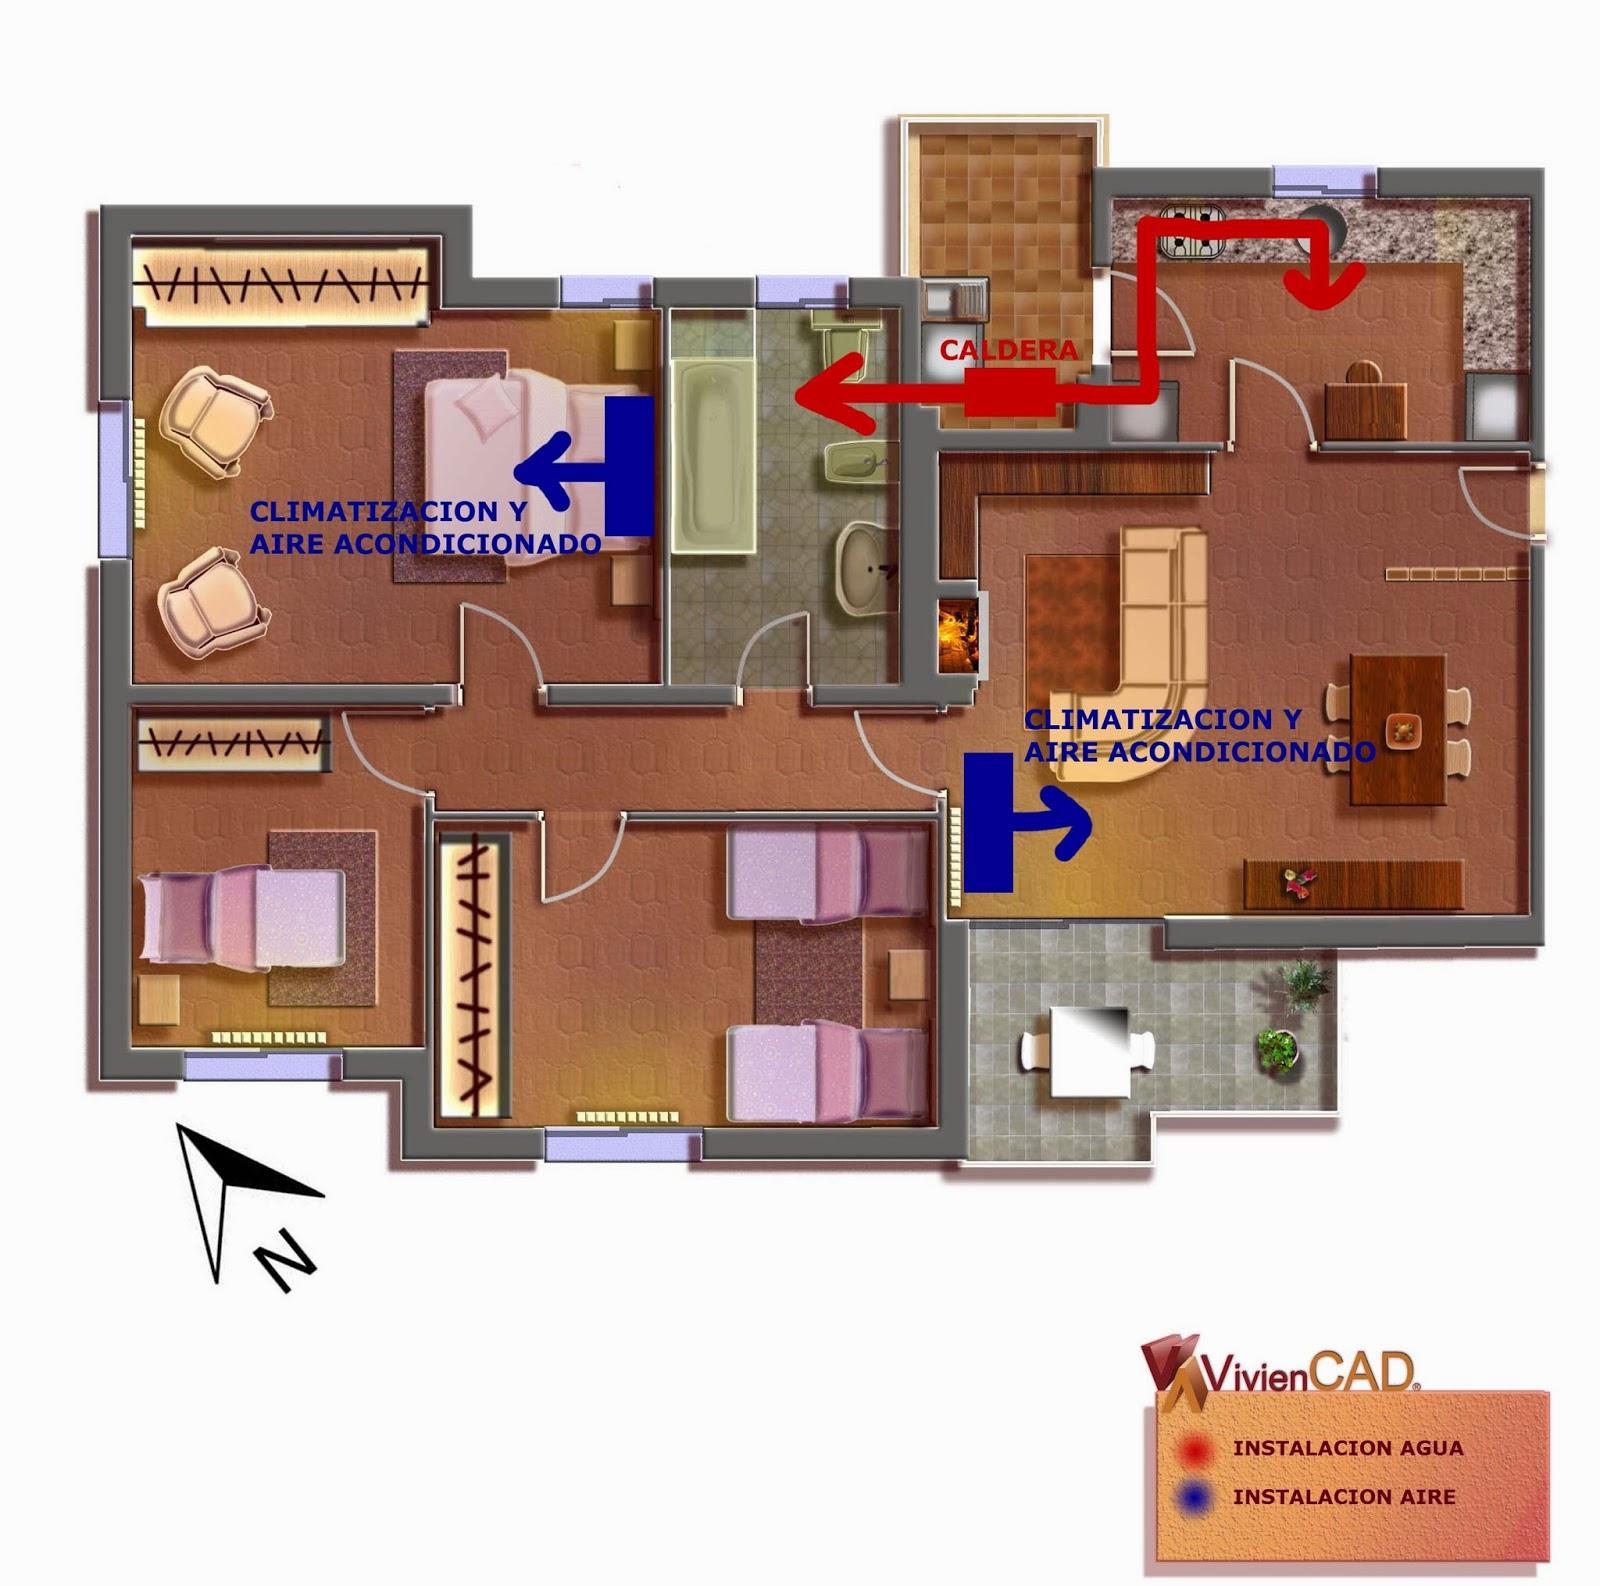 instalaciones viviencad